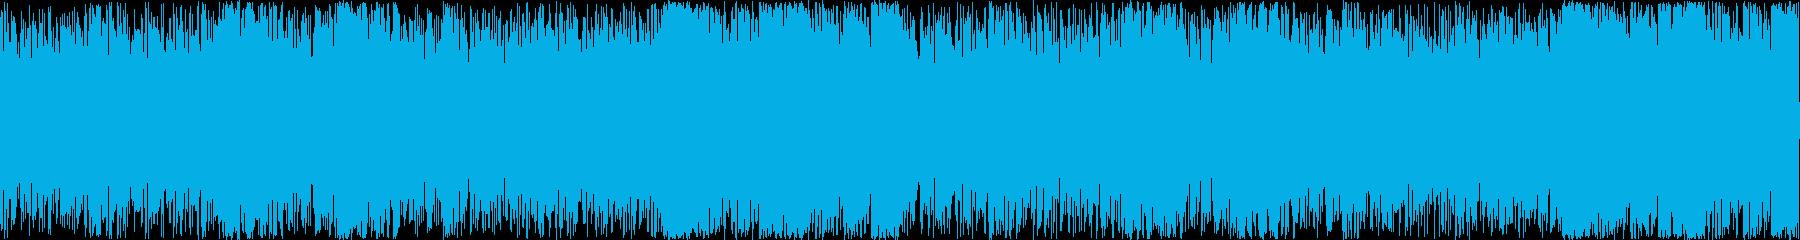 疾走感のあるシリアスなアンビエントロックの再生済みの波形